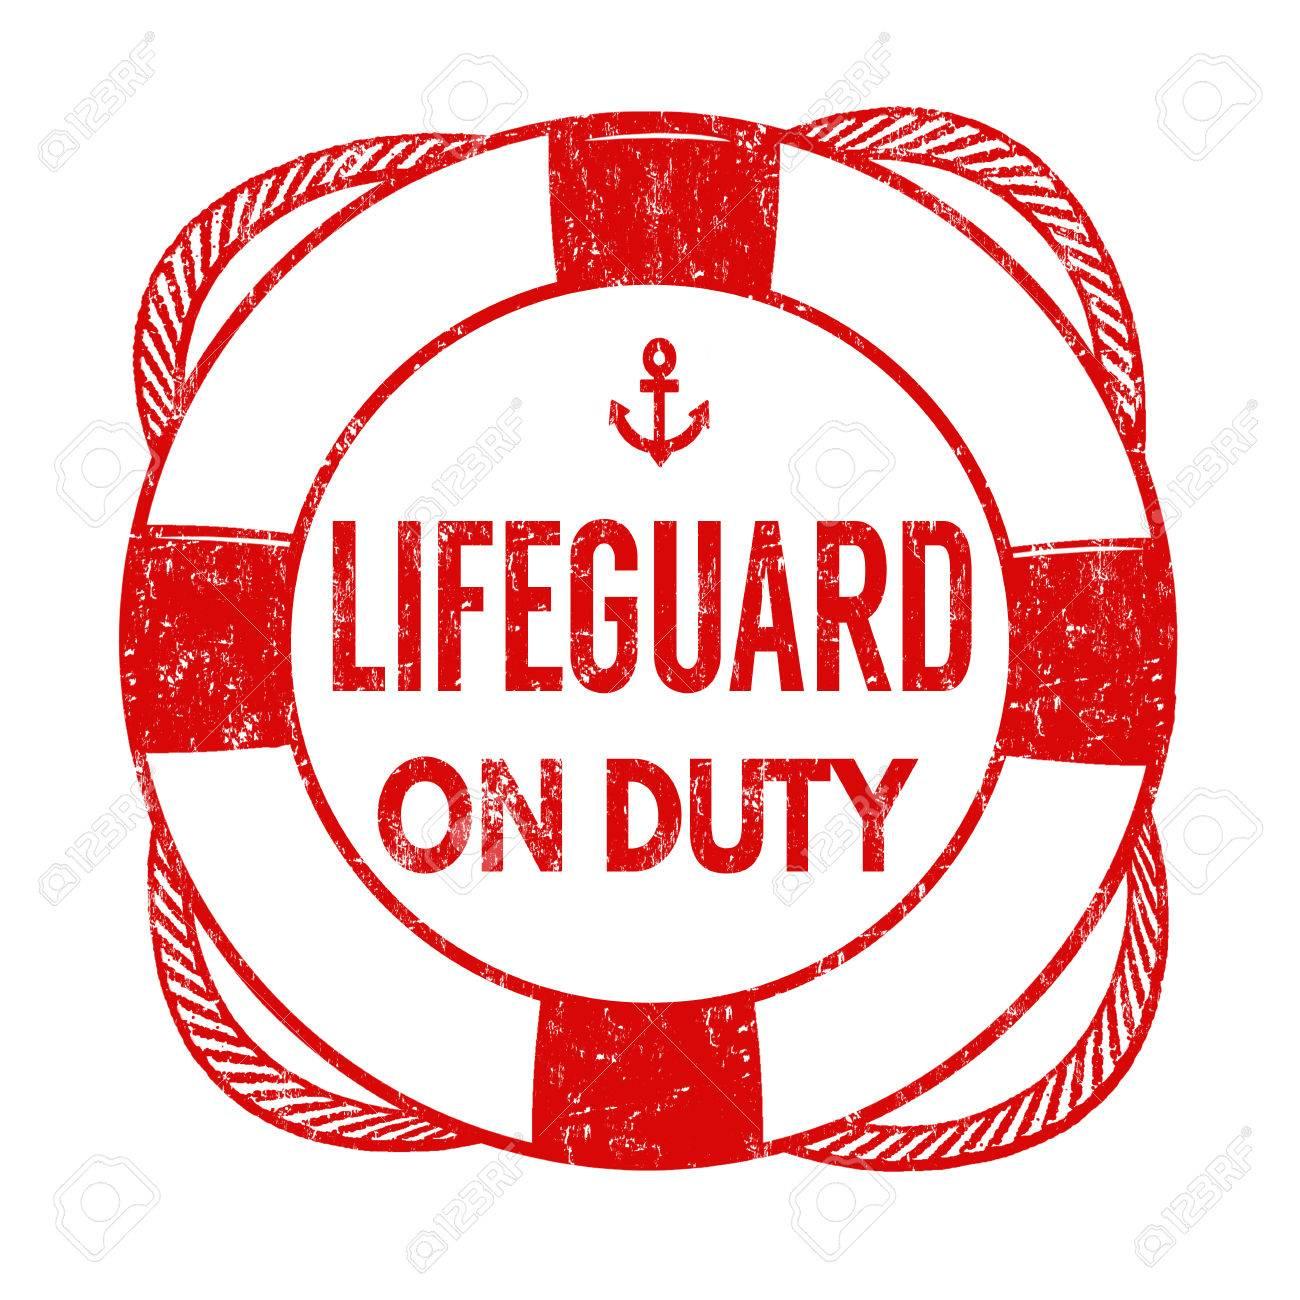 Lifeguard Clipart Free Download Clip Art.